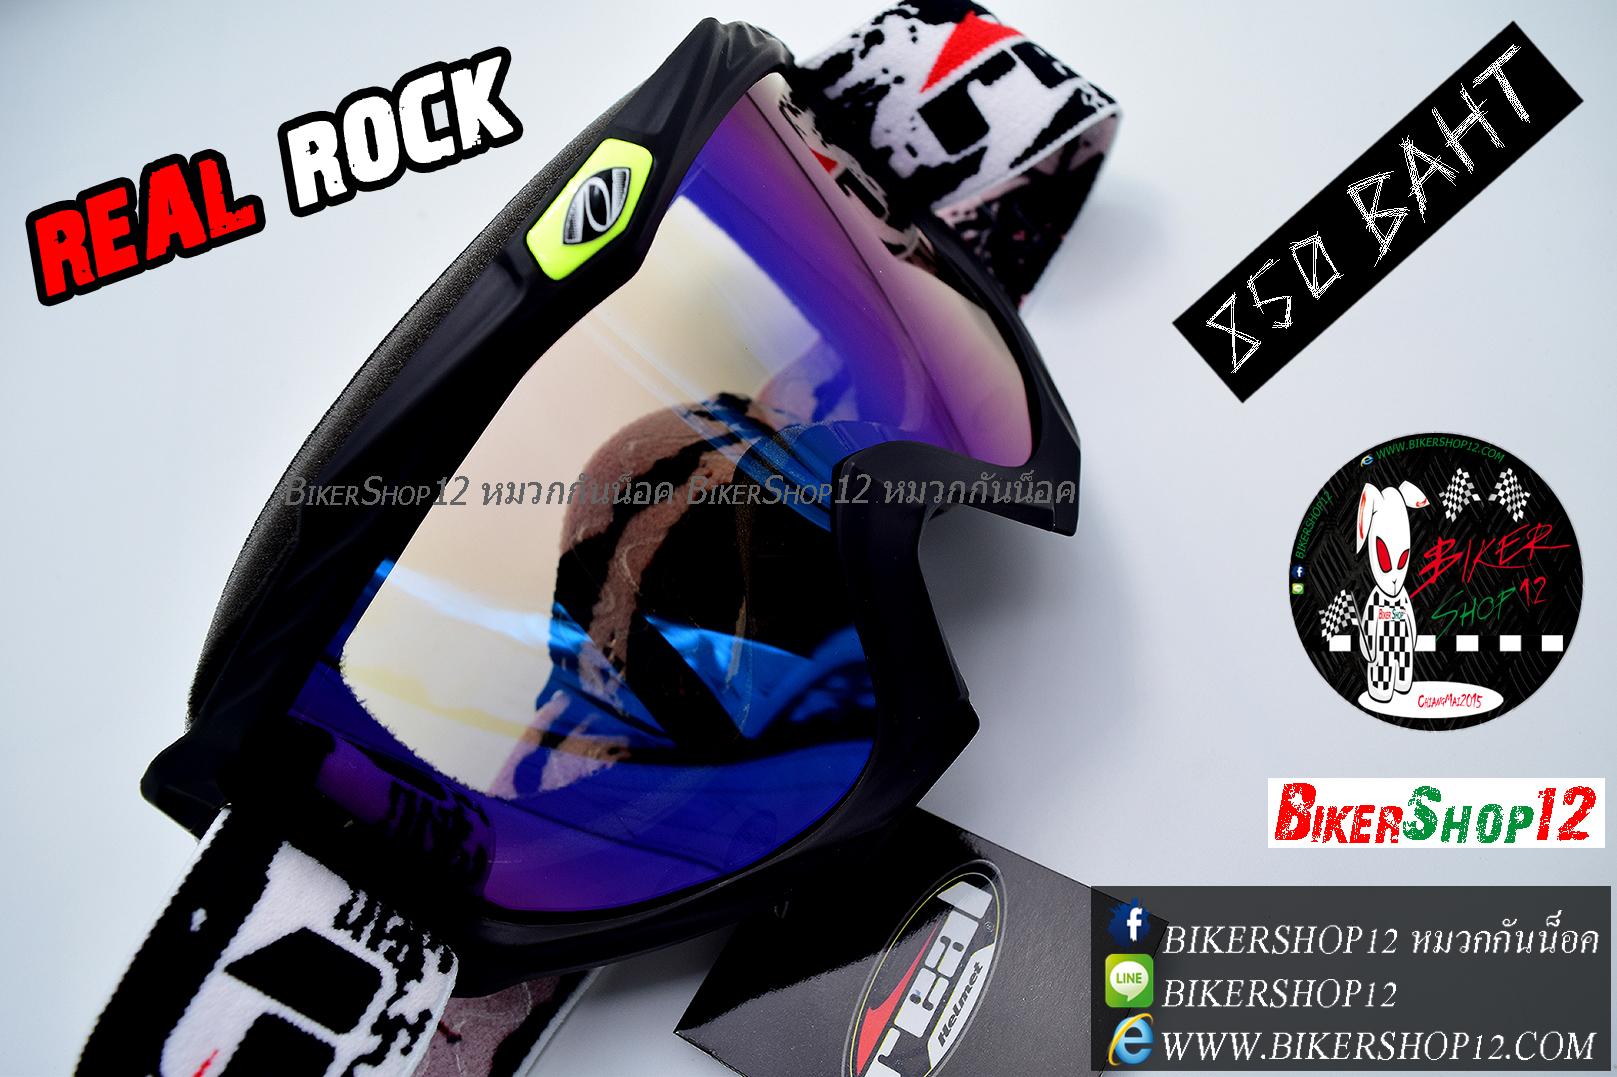 แว่นวิบาก (Goggle) Real Rock สีดำด้าน สำเนา